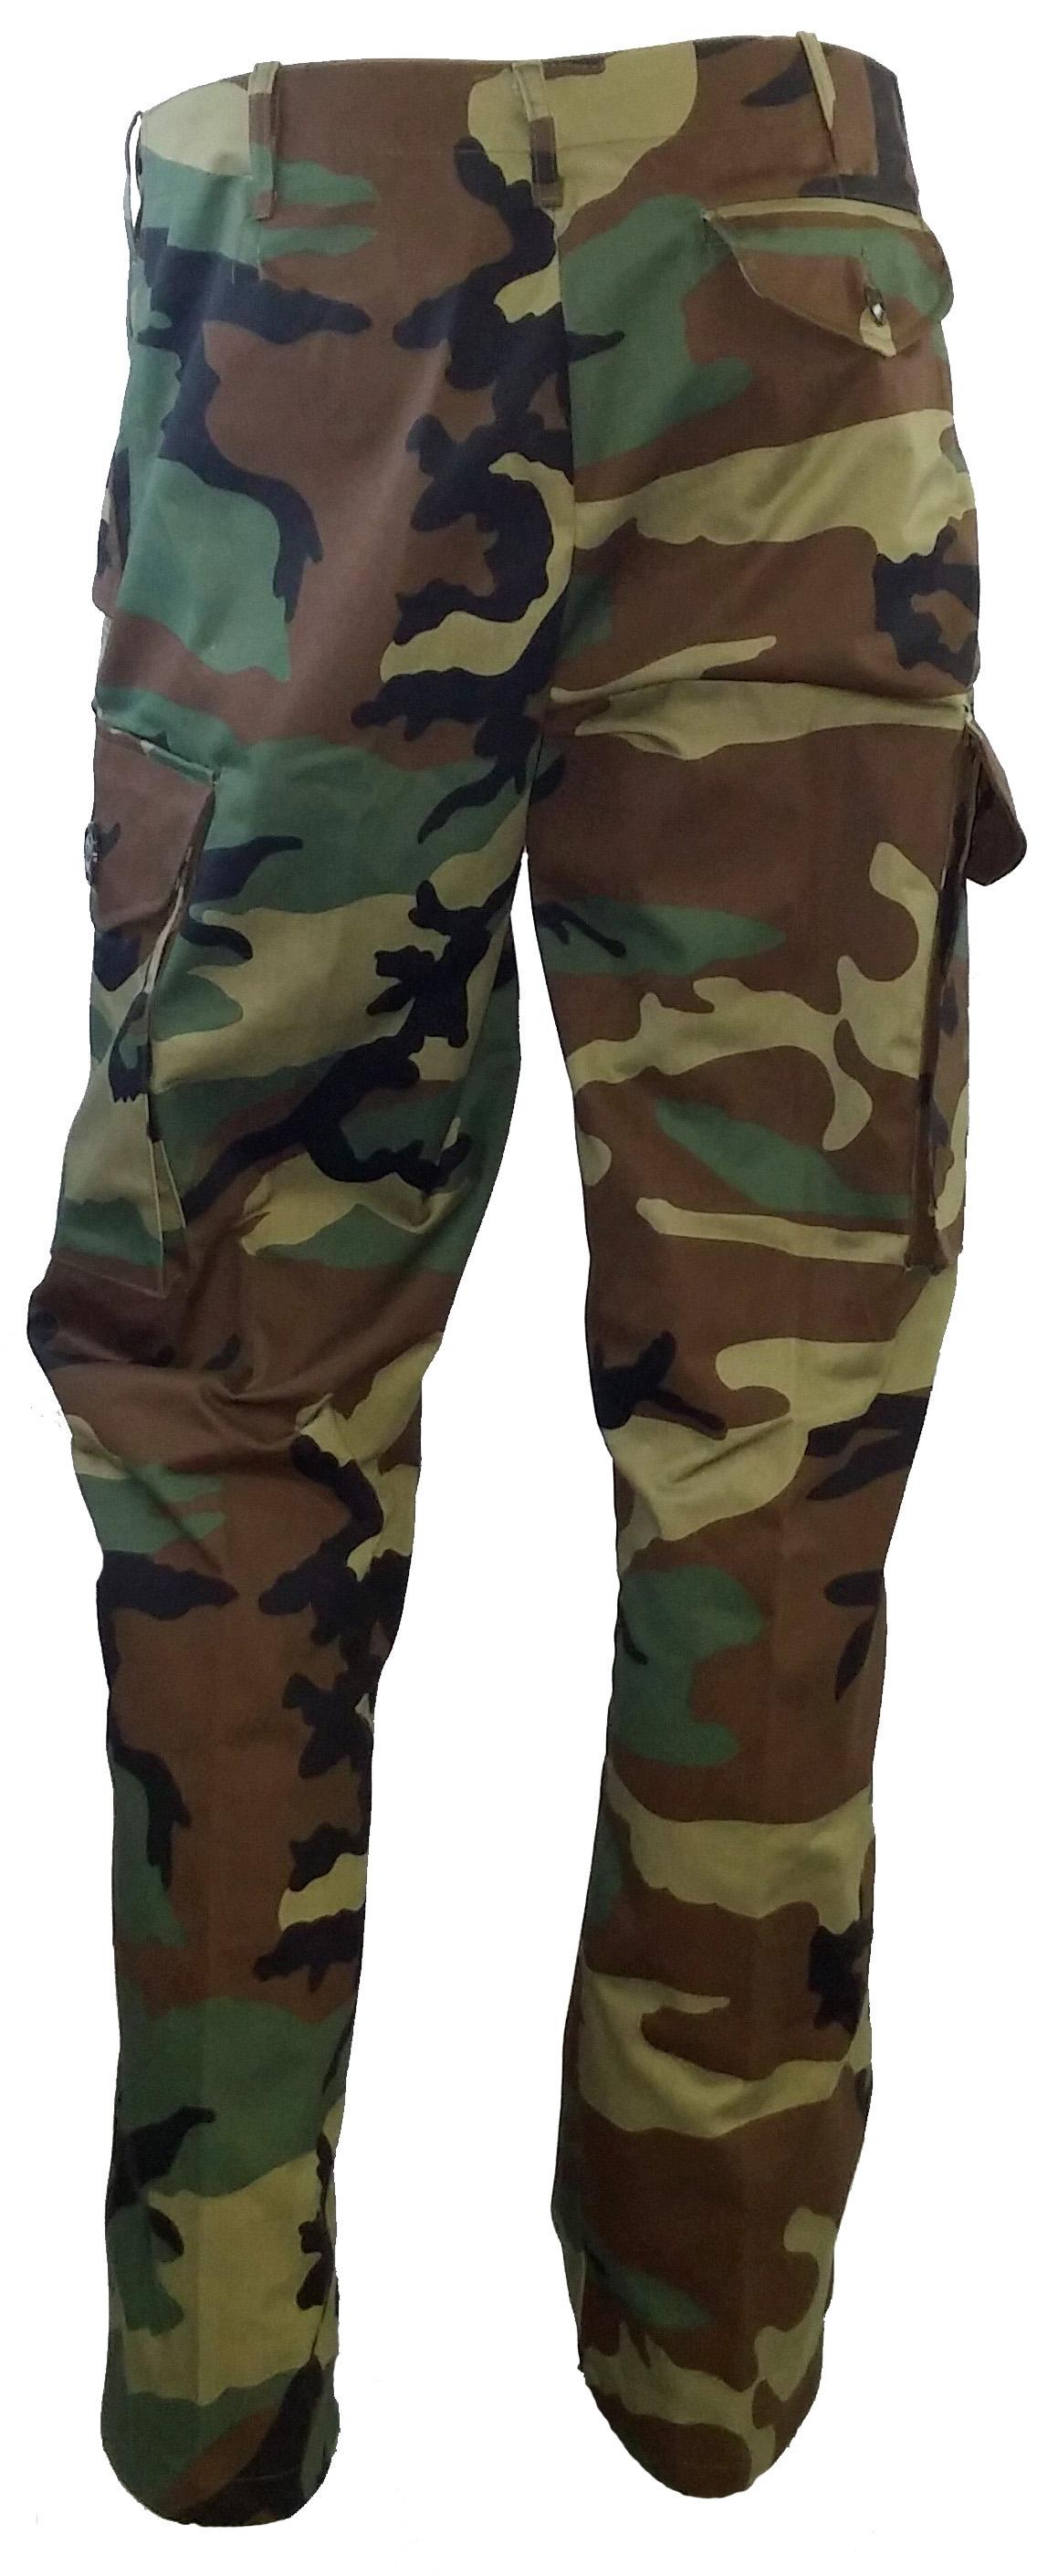 SGS Pantalon de combat style canadien (Toutes les couleurs)